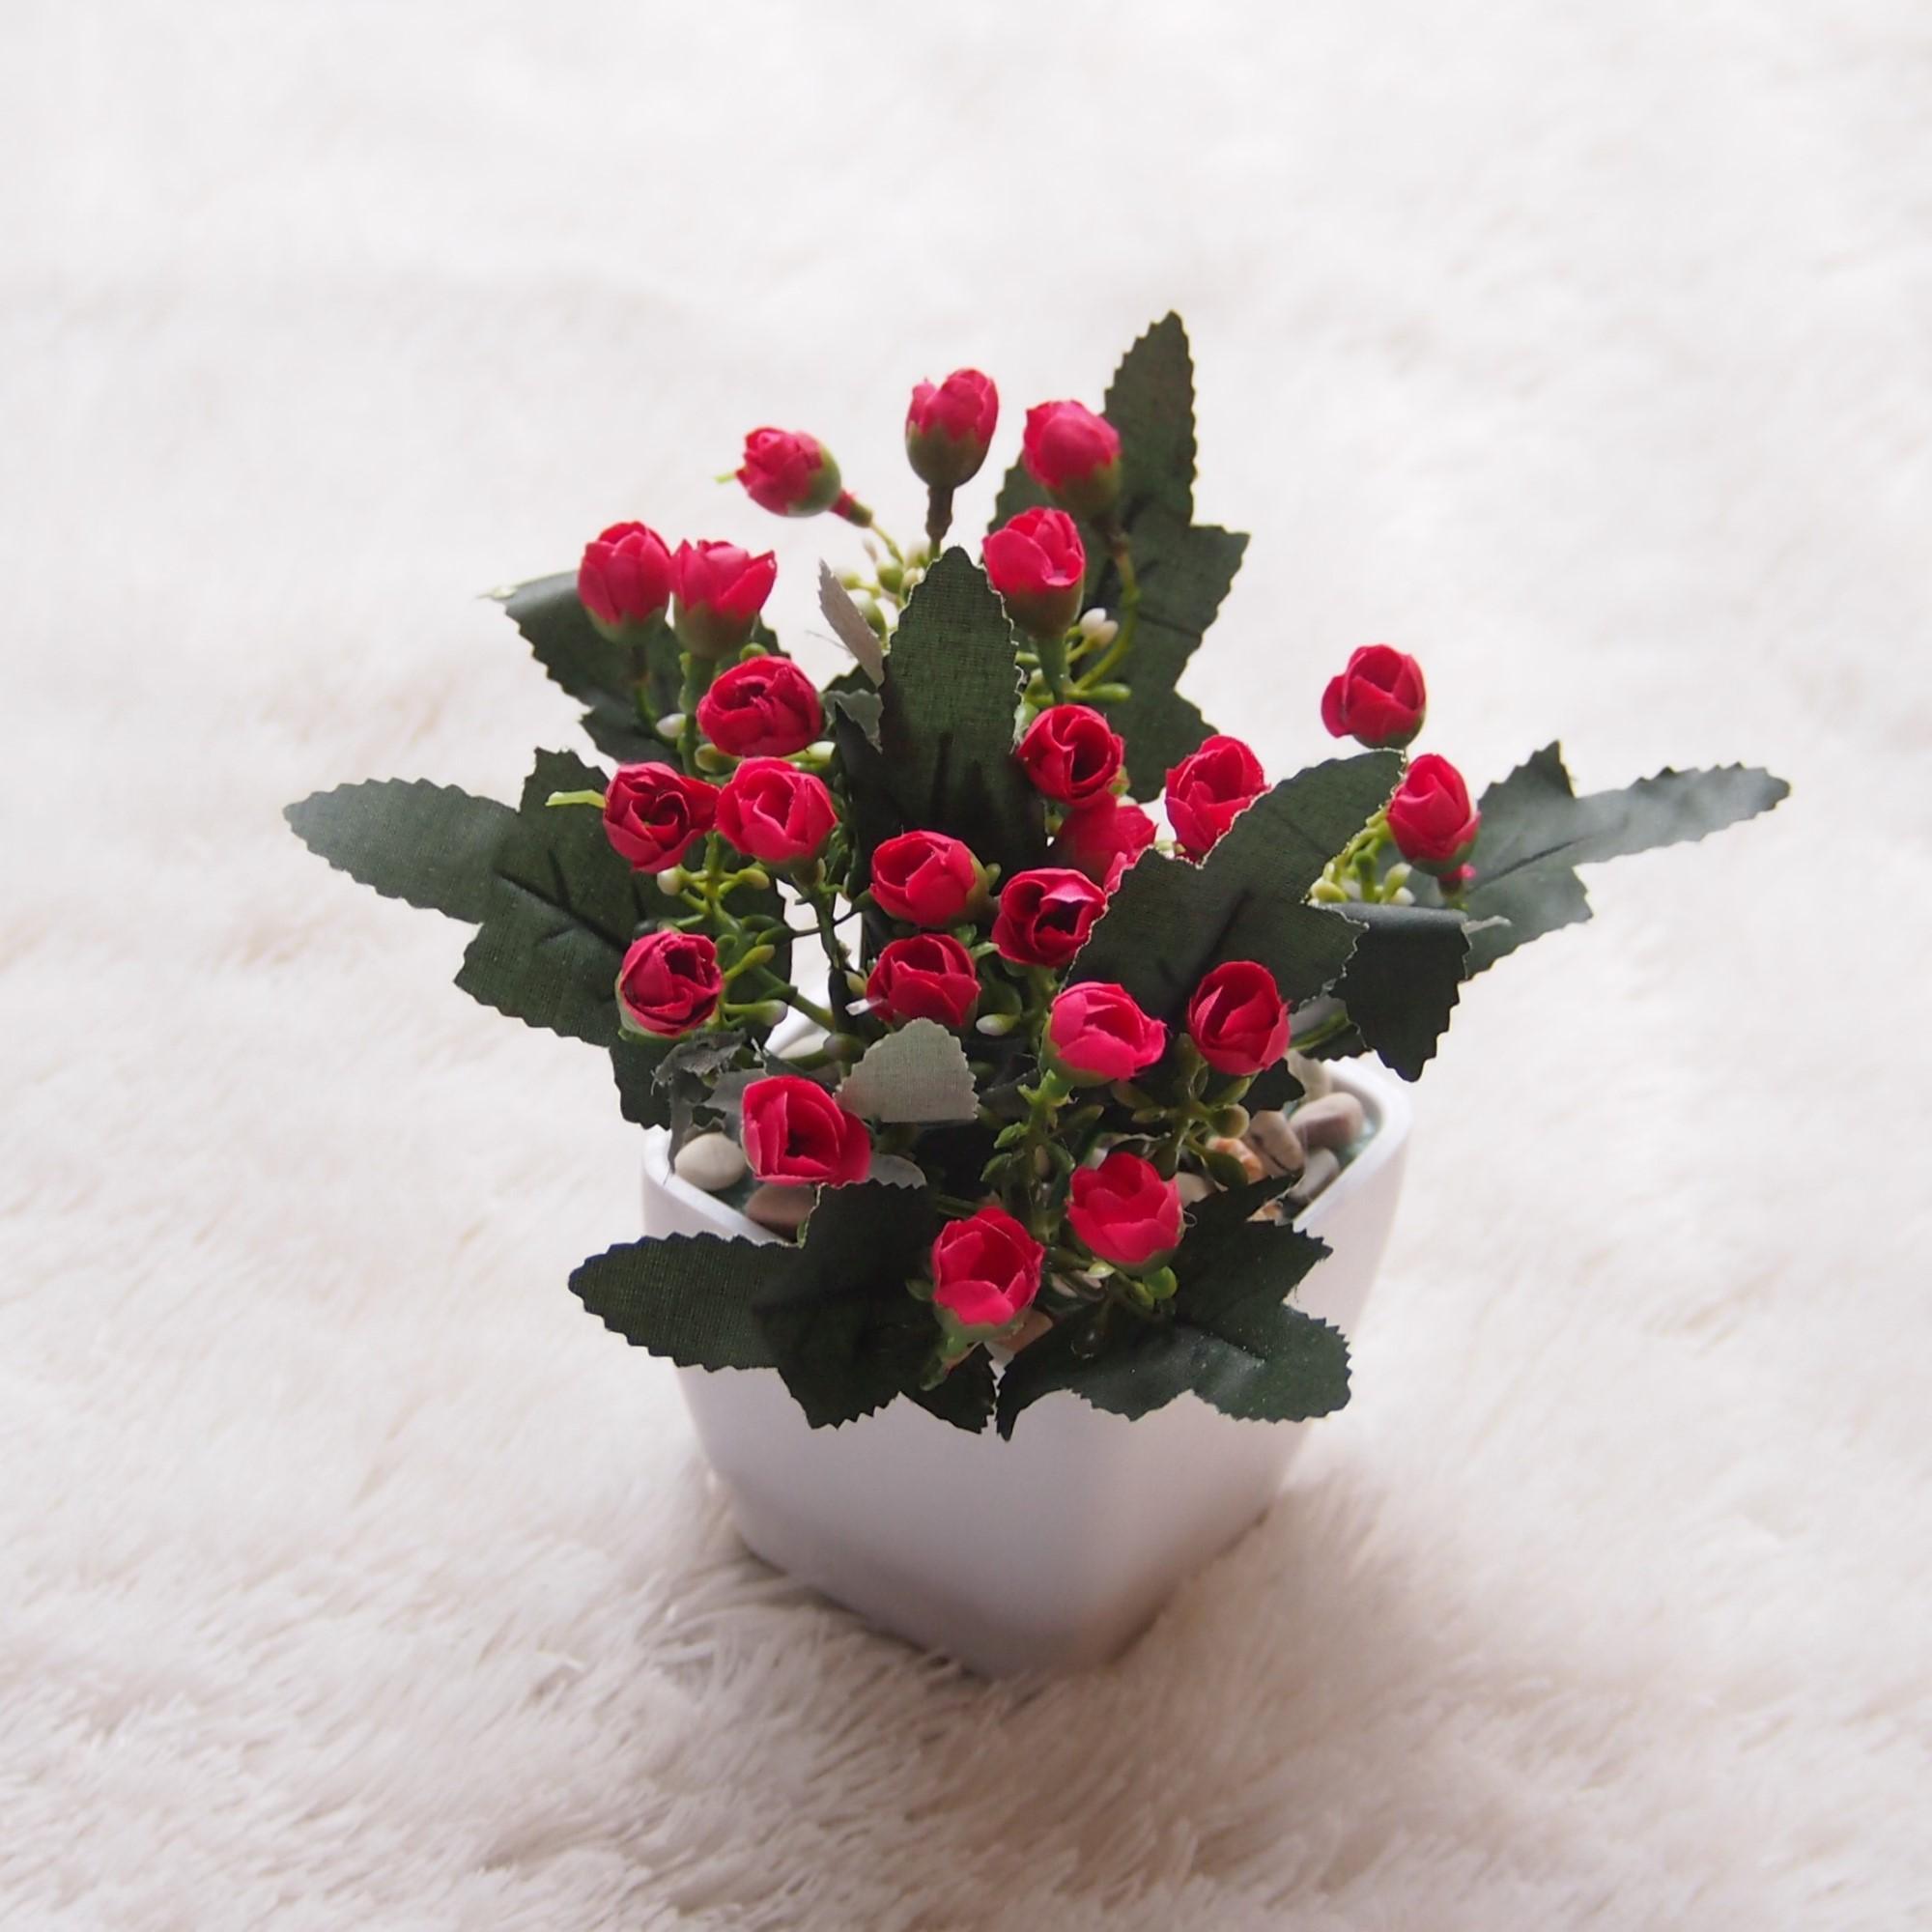 Bunga Artificial Dekorasi Meja Dan Ruangan - Bunga Artificial Mini Kacang  Vas Kotak RM02 c6107ce9af